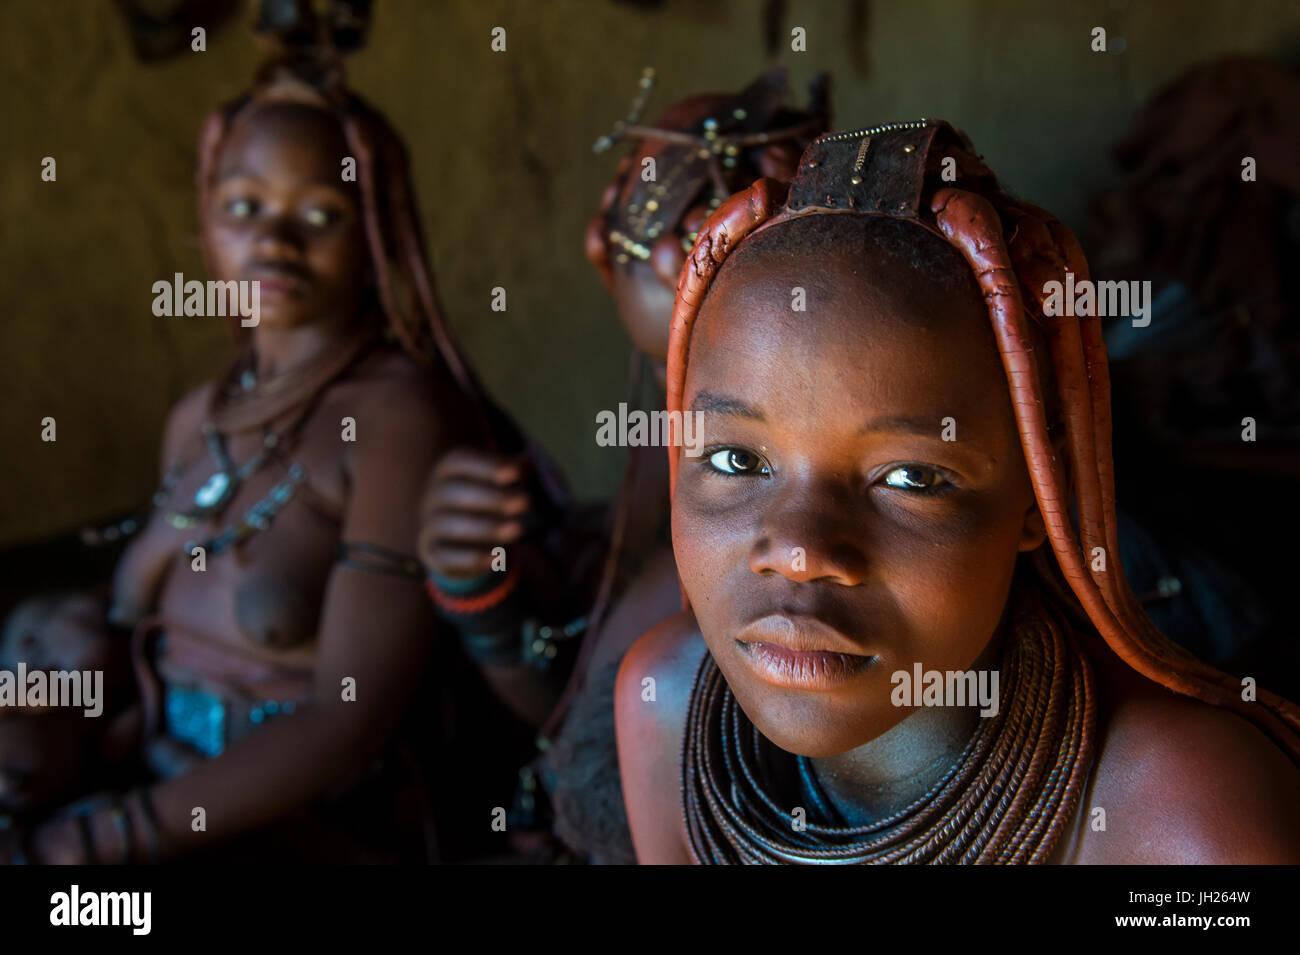 Gentile le donne himba nel loro rifugio, Kaokoland, Namibia, Africa Immagini Stock